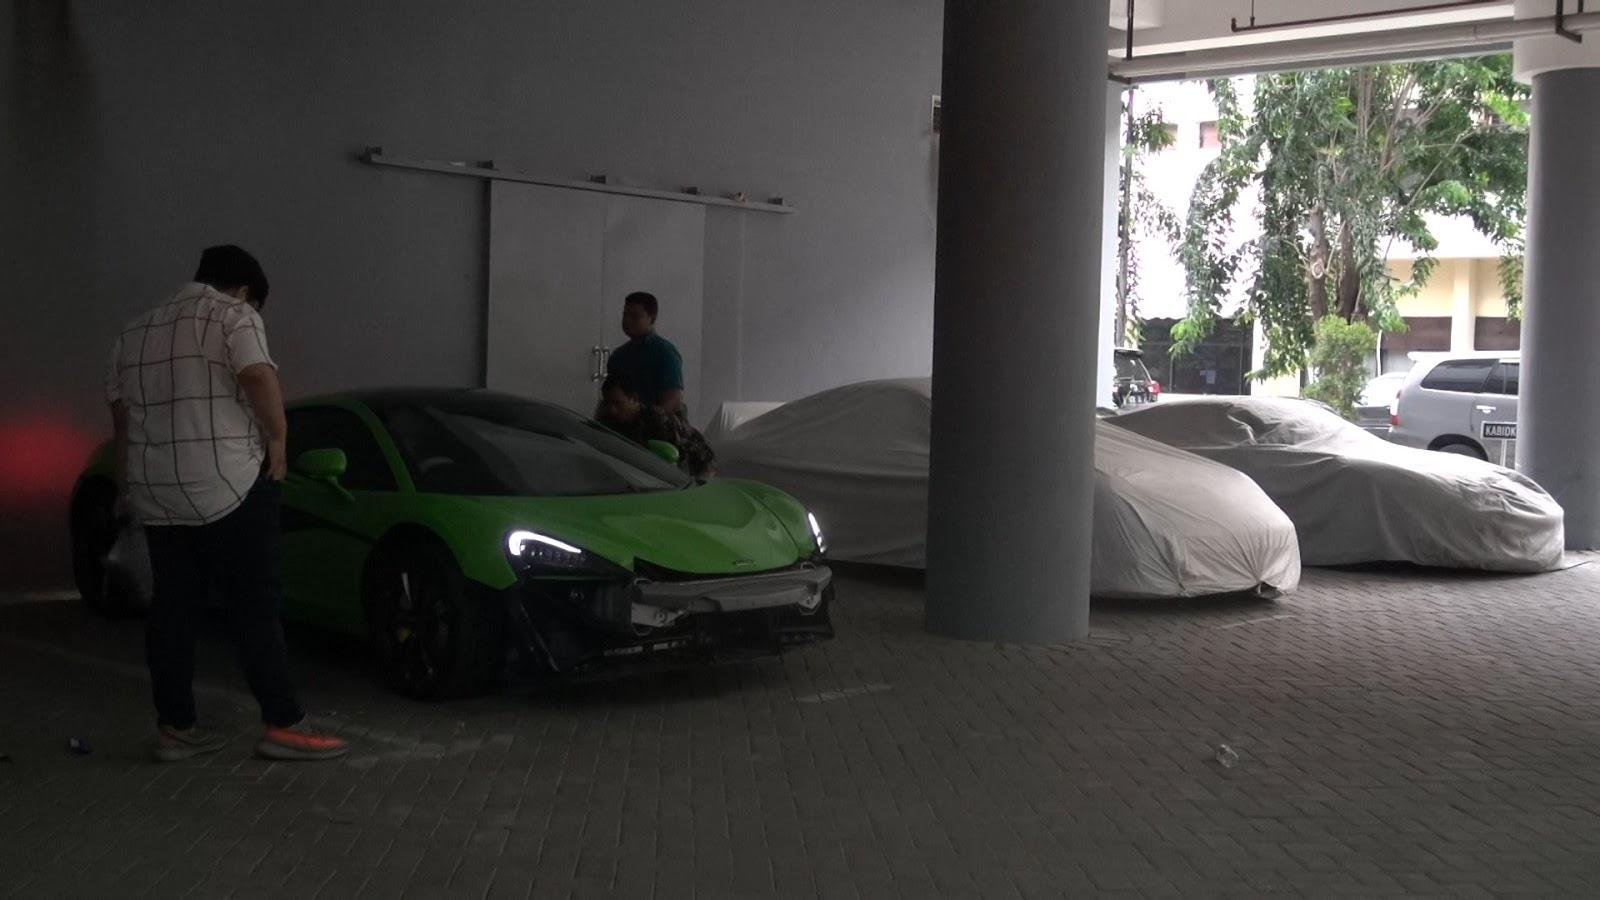 Selain Menunggak Pajak, Mobil Mewah di Indonesia juga Banyak Tanpa Surat Legal